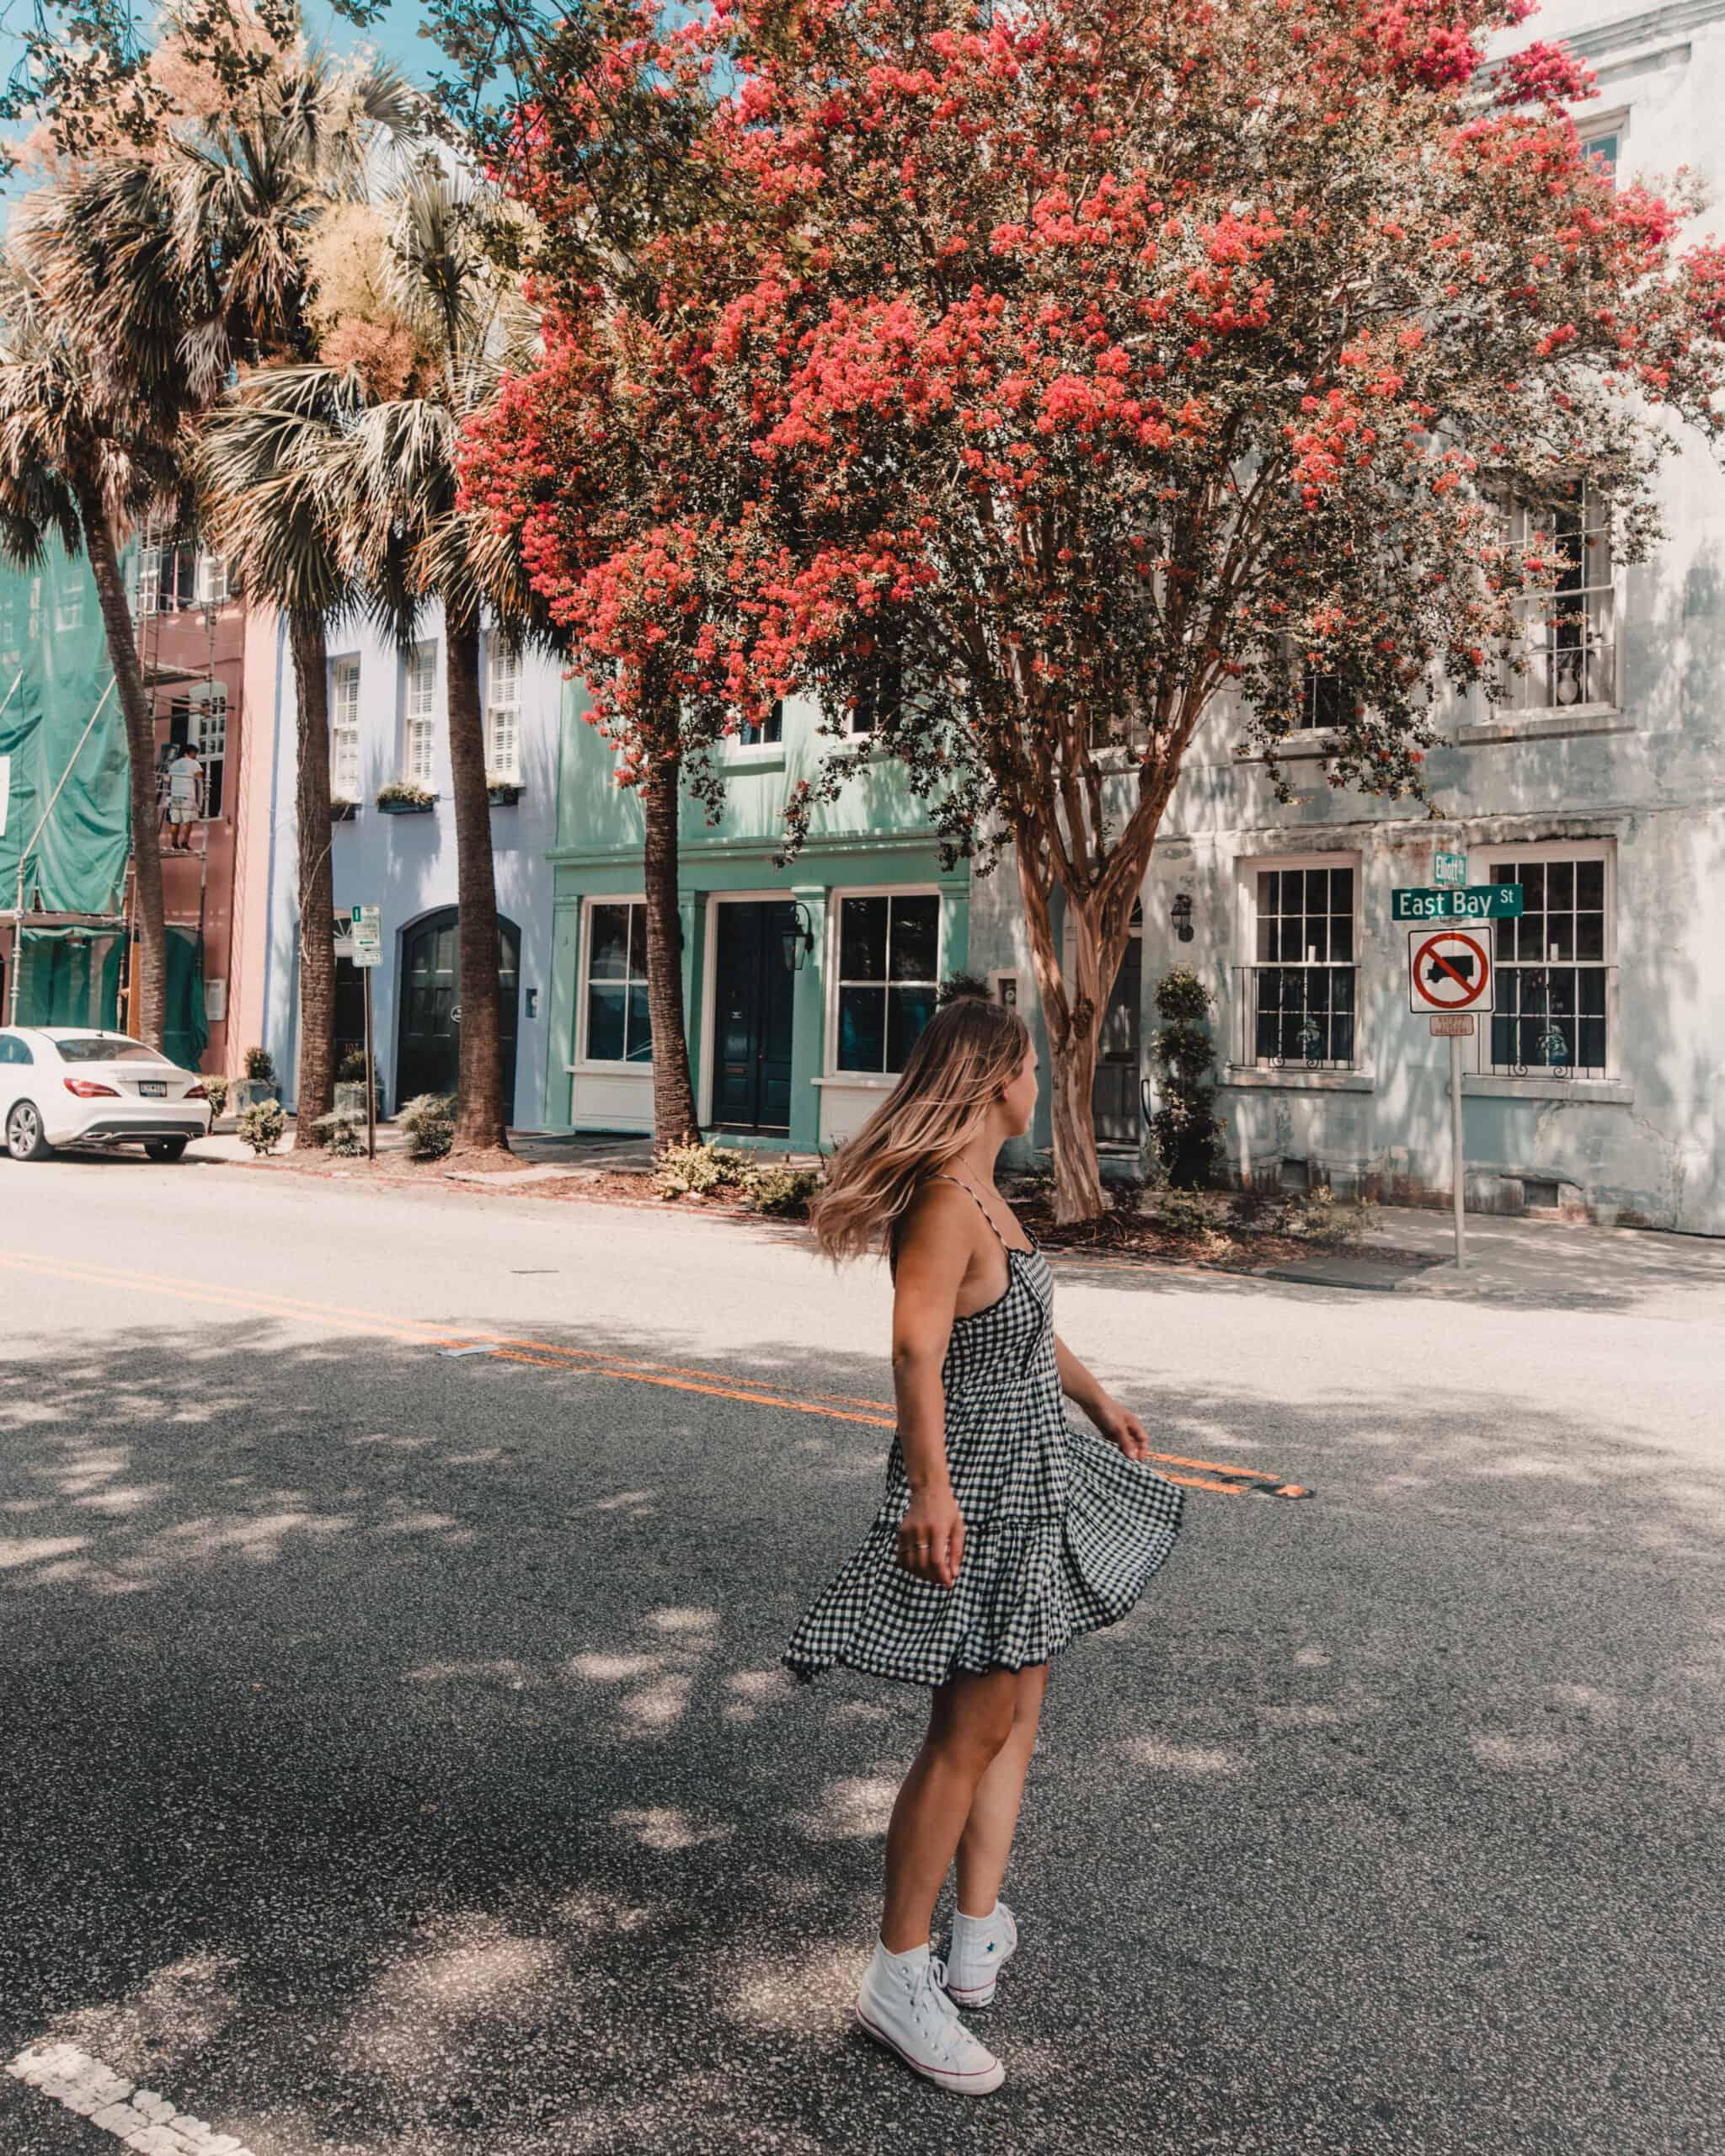 flowery tree Rainbow Row Charleston South Carolina